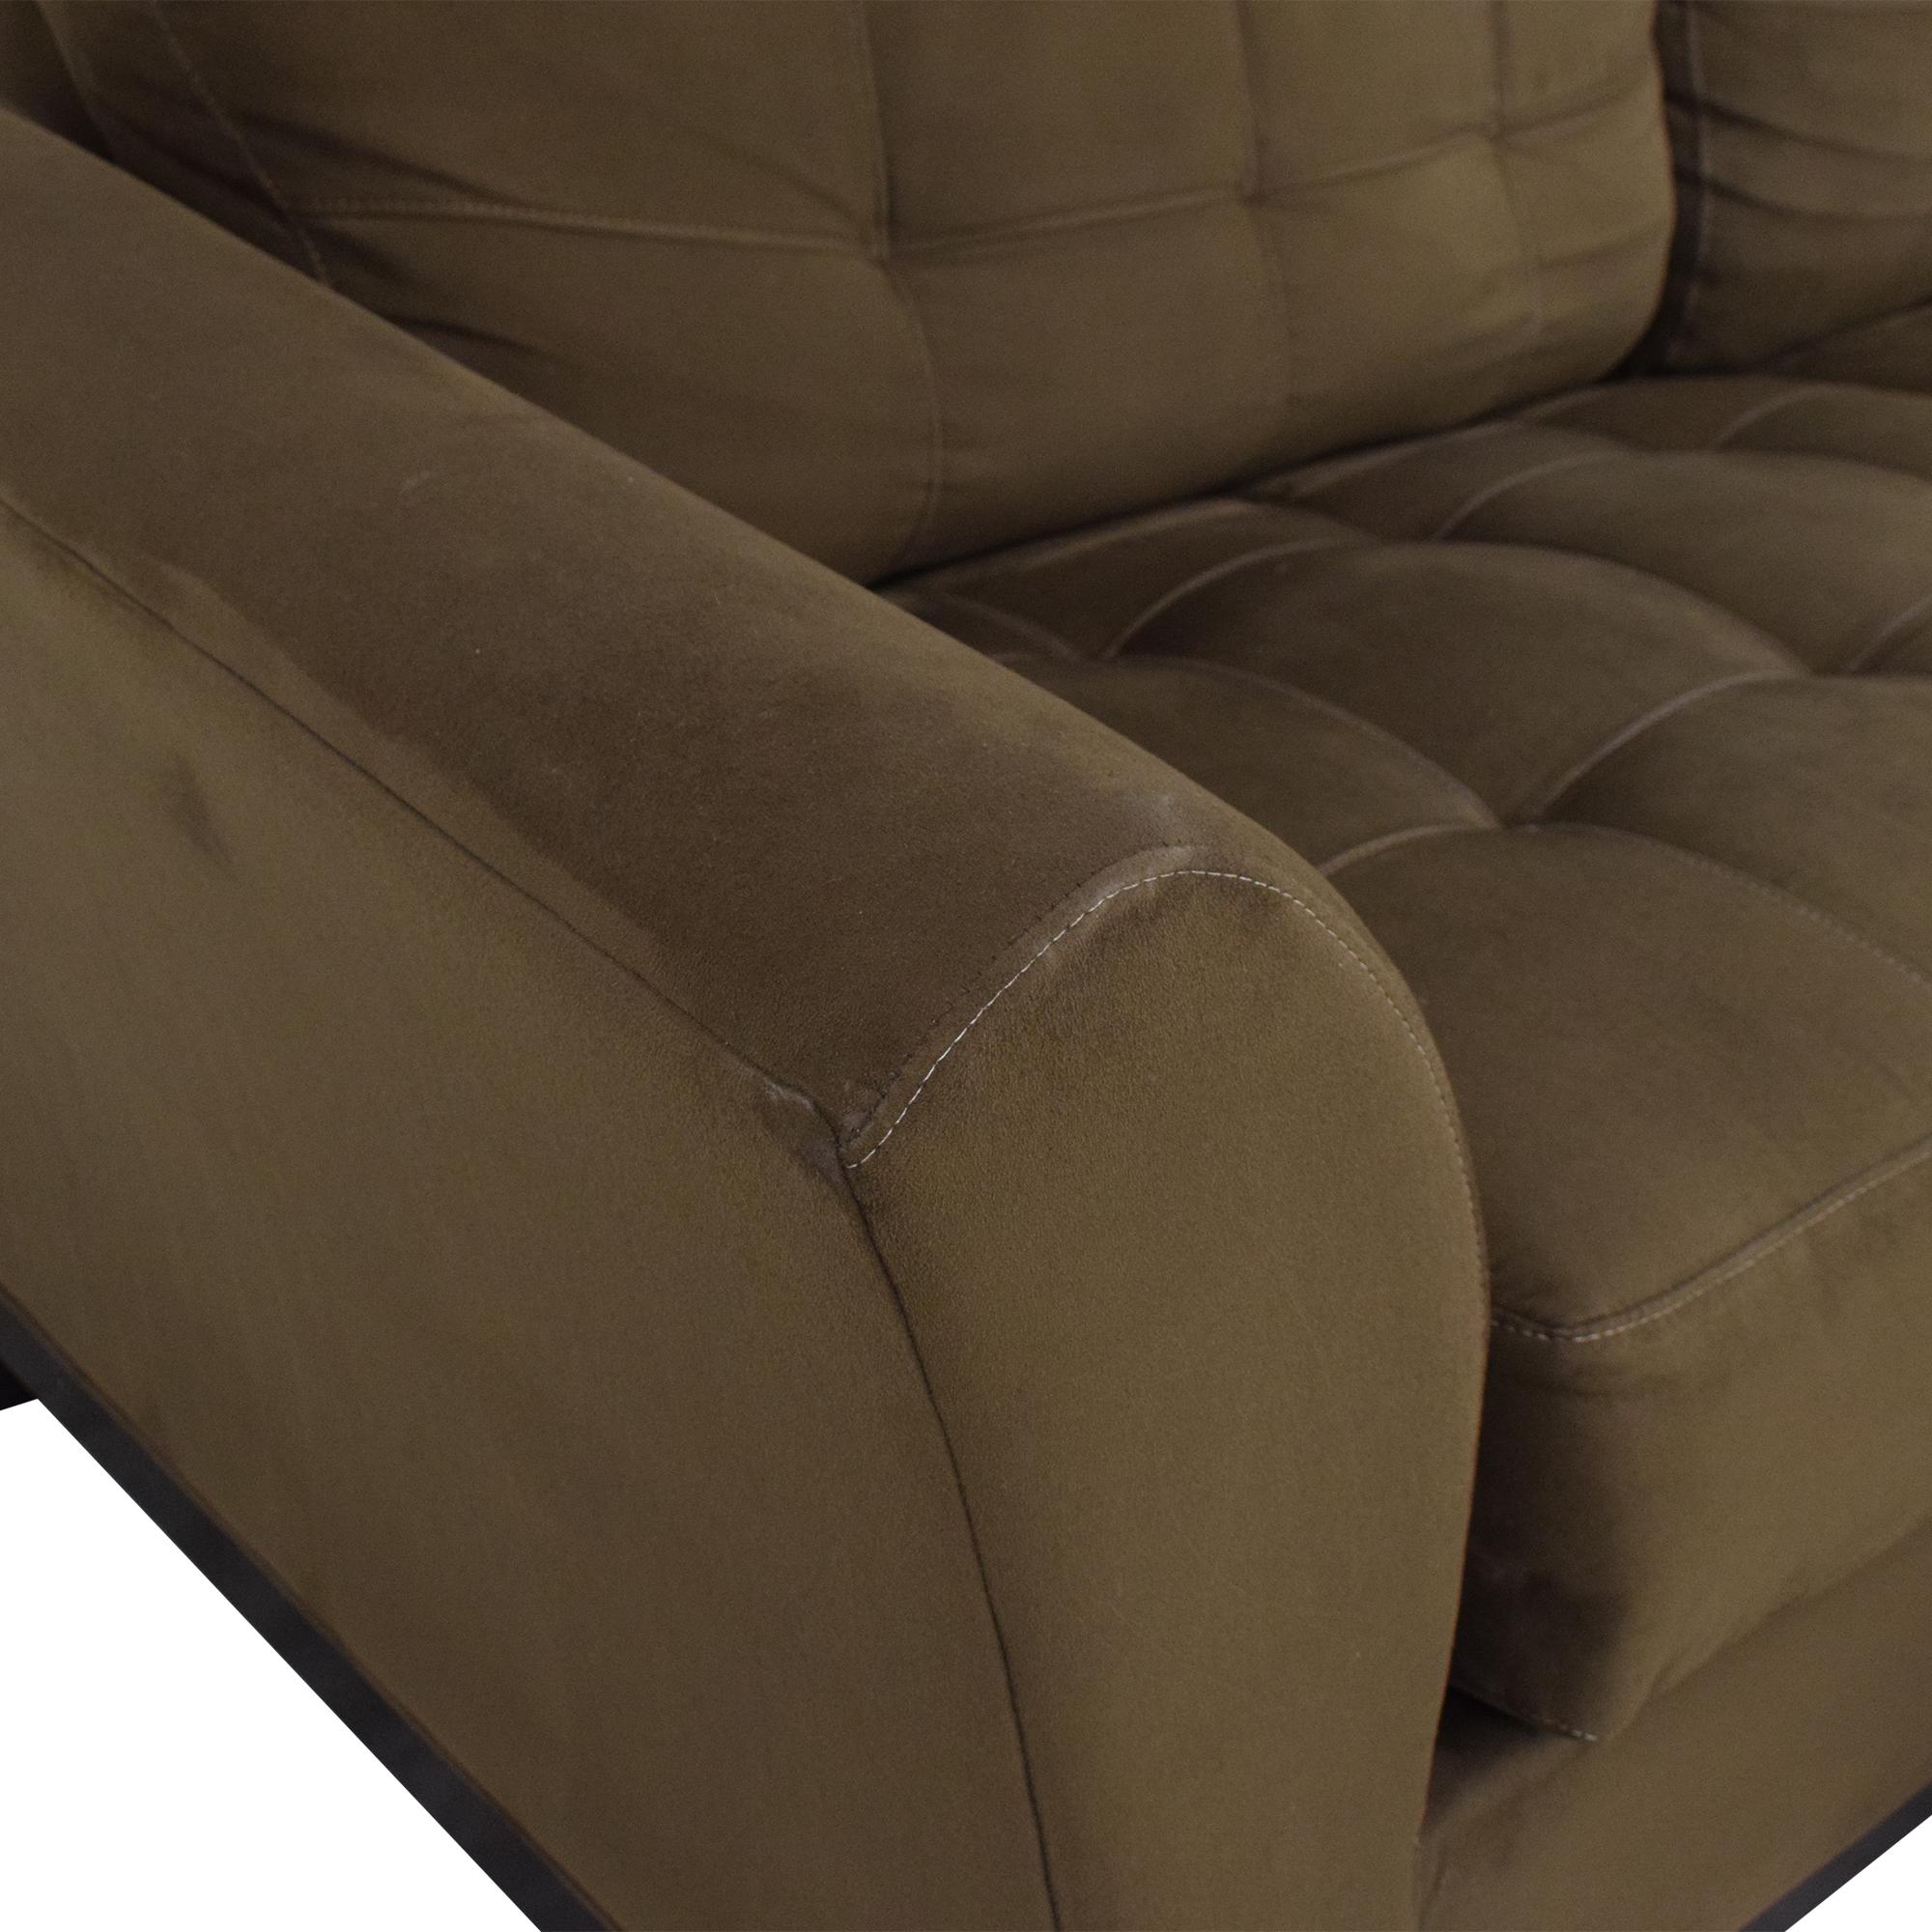 HM Richards Furniture Loveseat with Ottoman / Loveseats